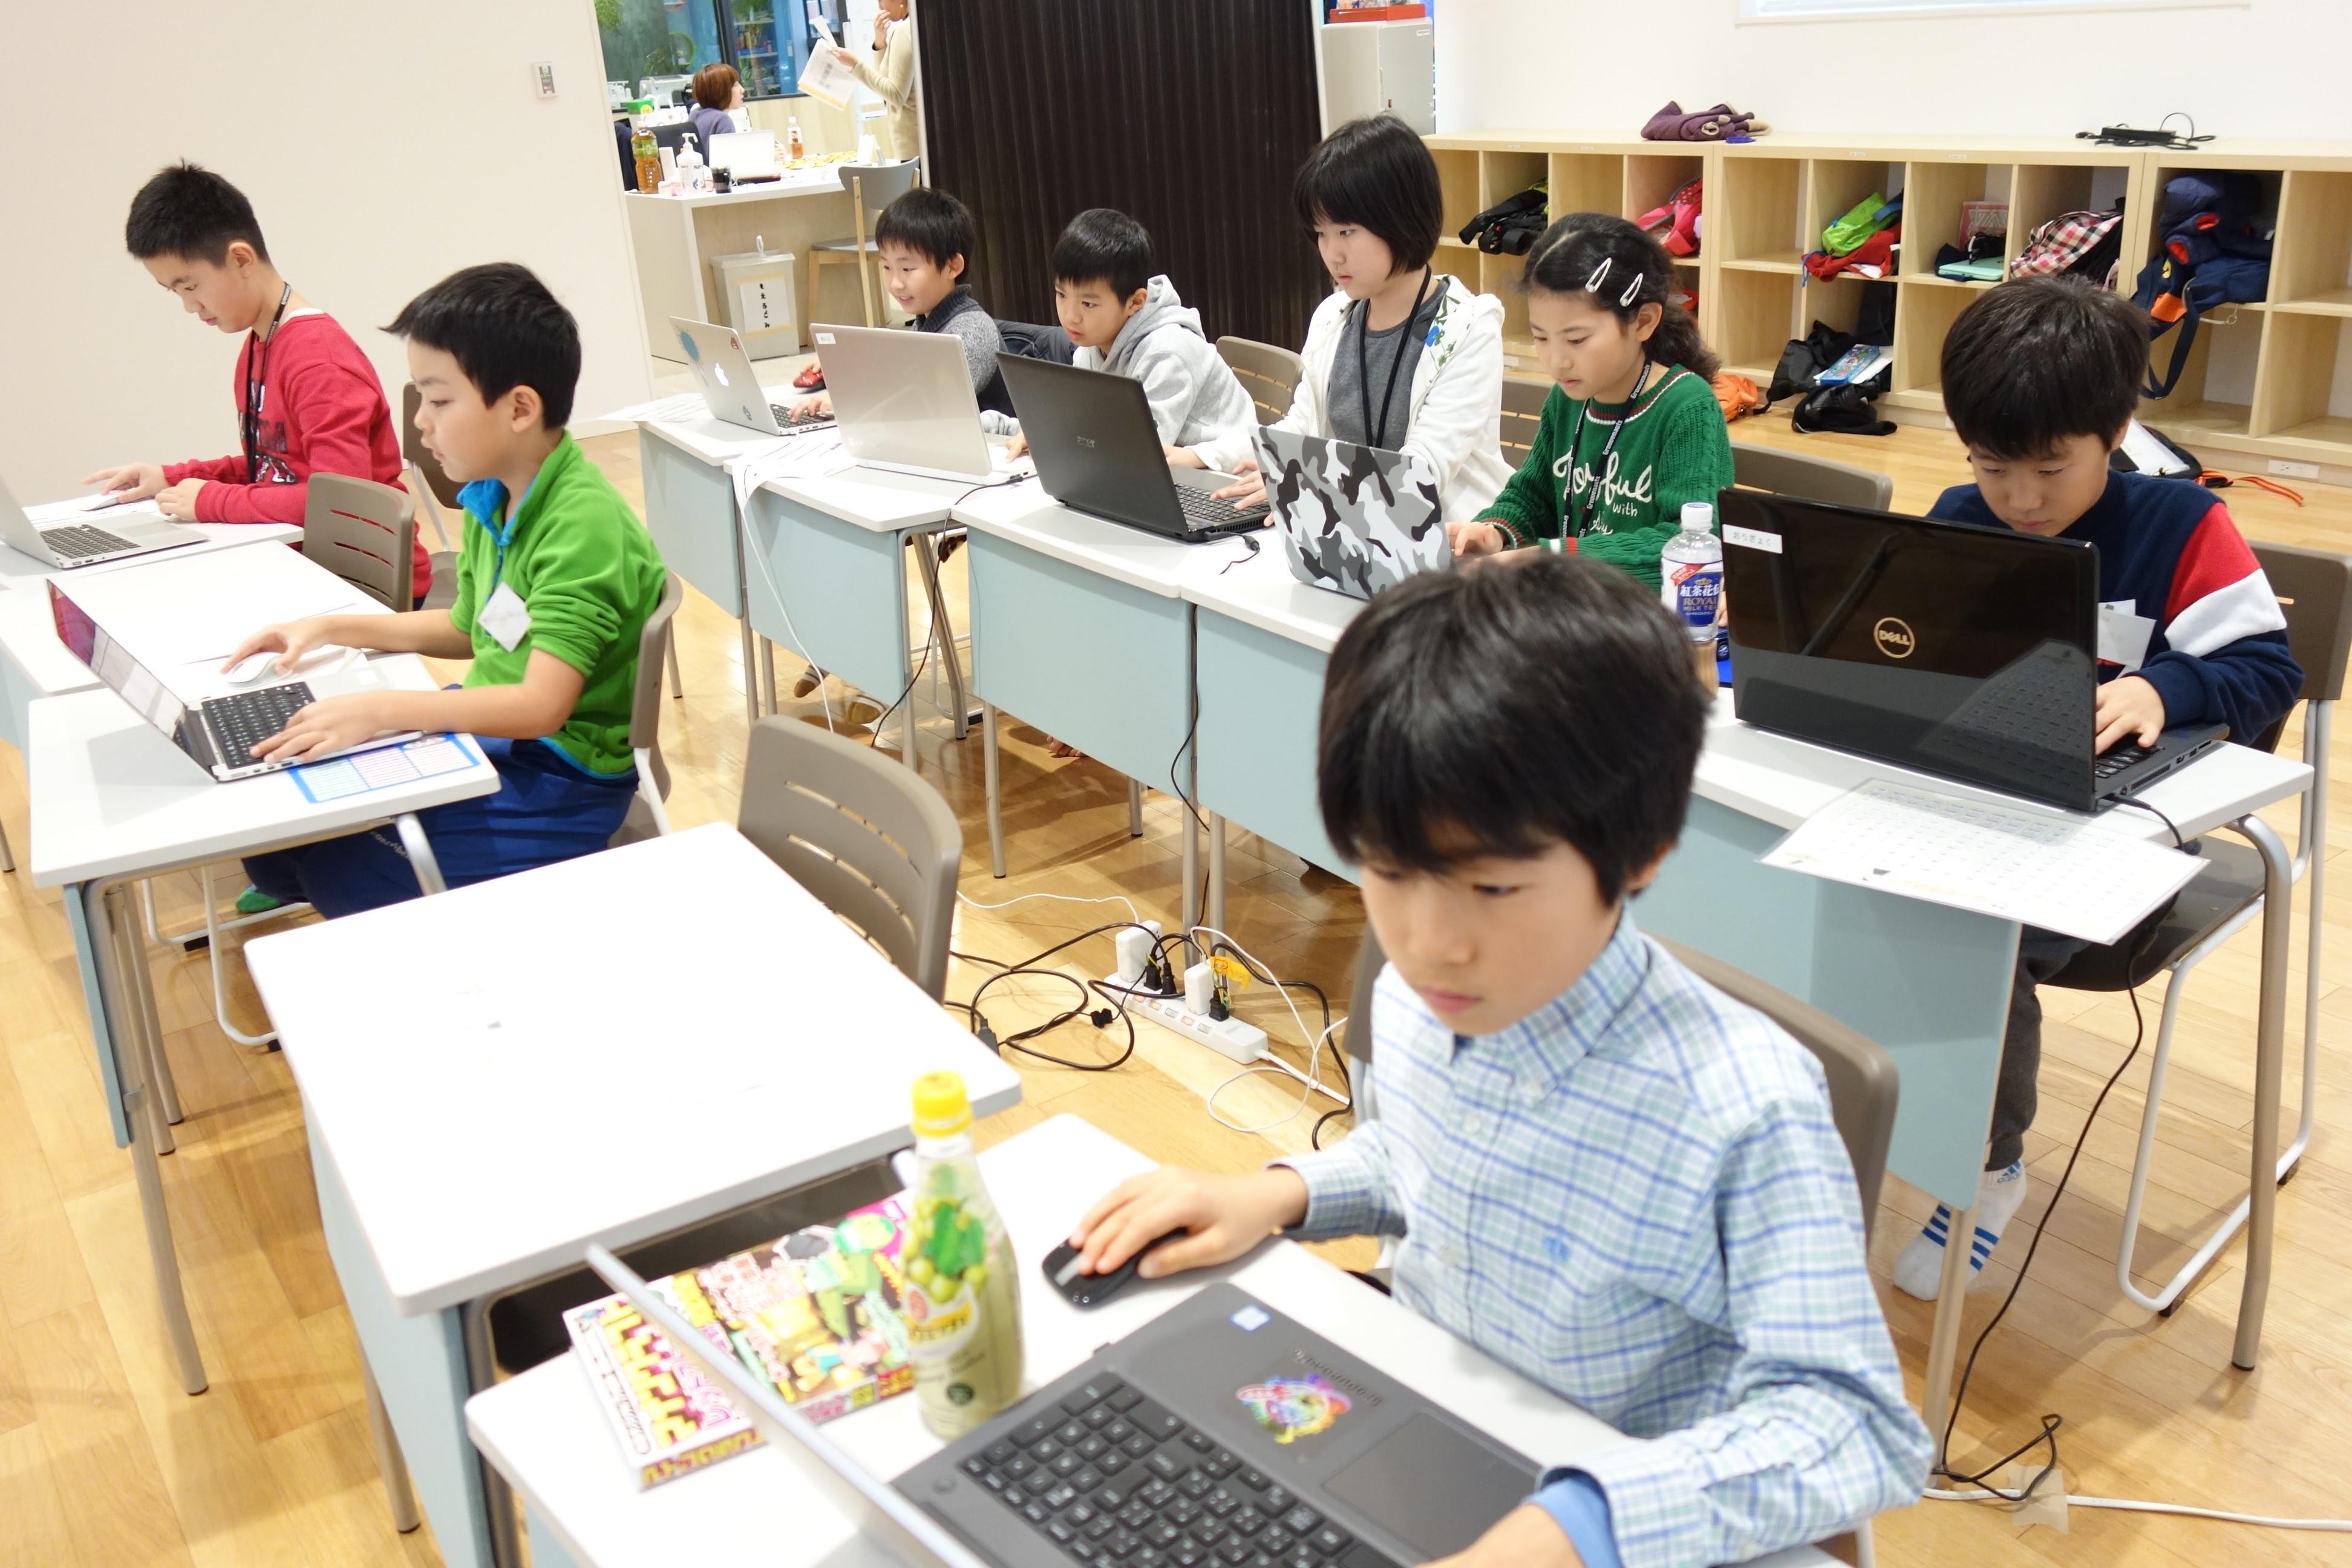 【小学4〜6年生向け】7月8日(土)に高学年向け体験会「Scratchでゲームをつくろう!」を開催します